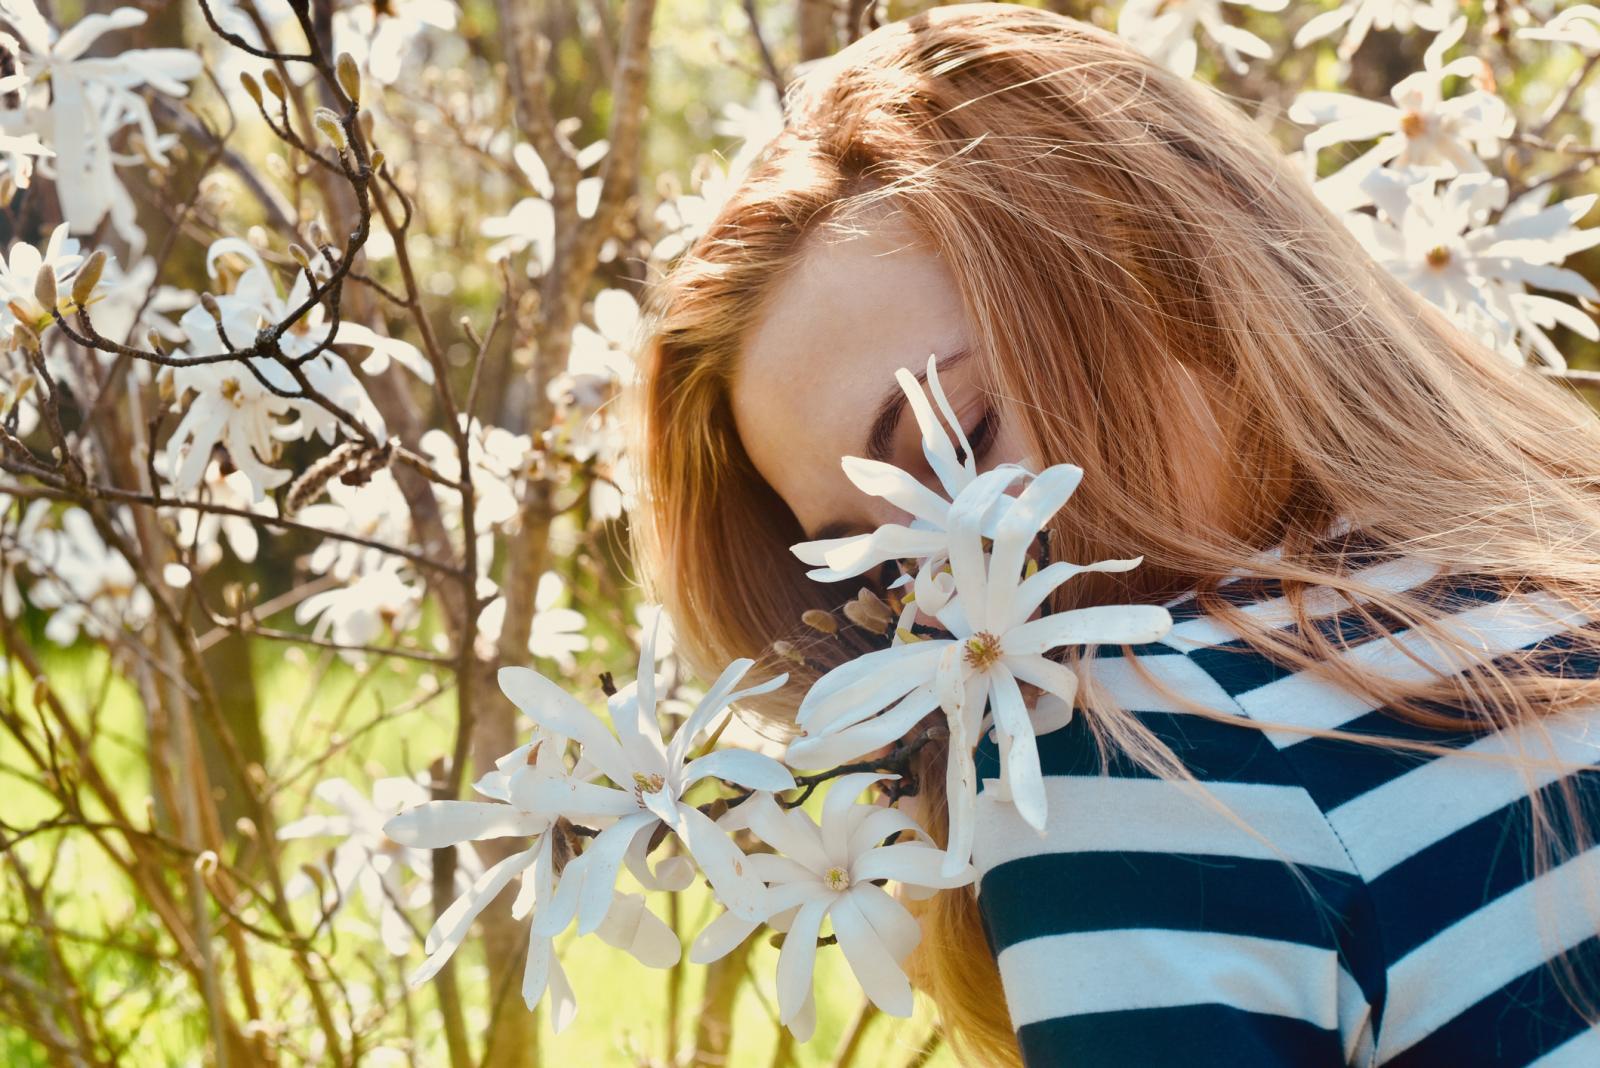 Prisutnost bjelančevina, masti, ugljikohidrata i vitamina u cvijeću ne razlikuje se mnogo od njihove prisutnosti u drugim dijelovima biljke, npr. listovima.